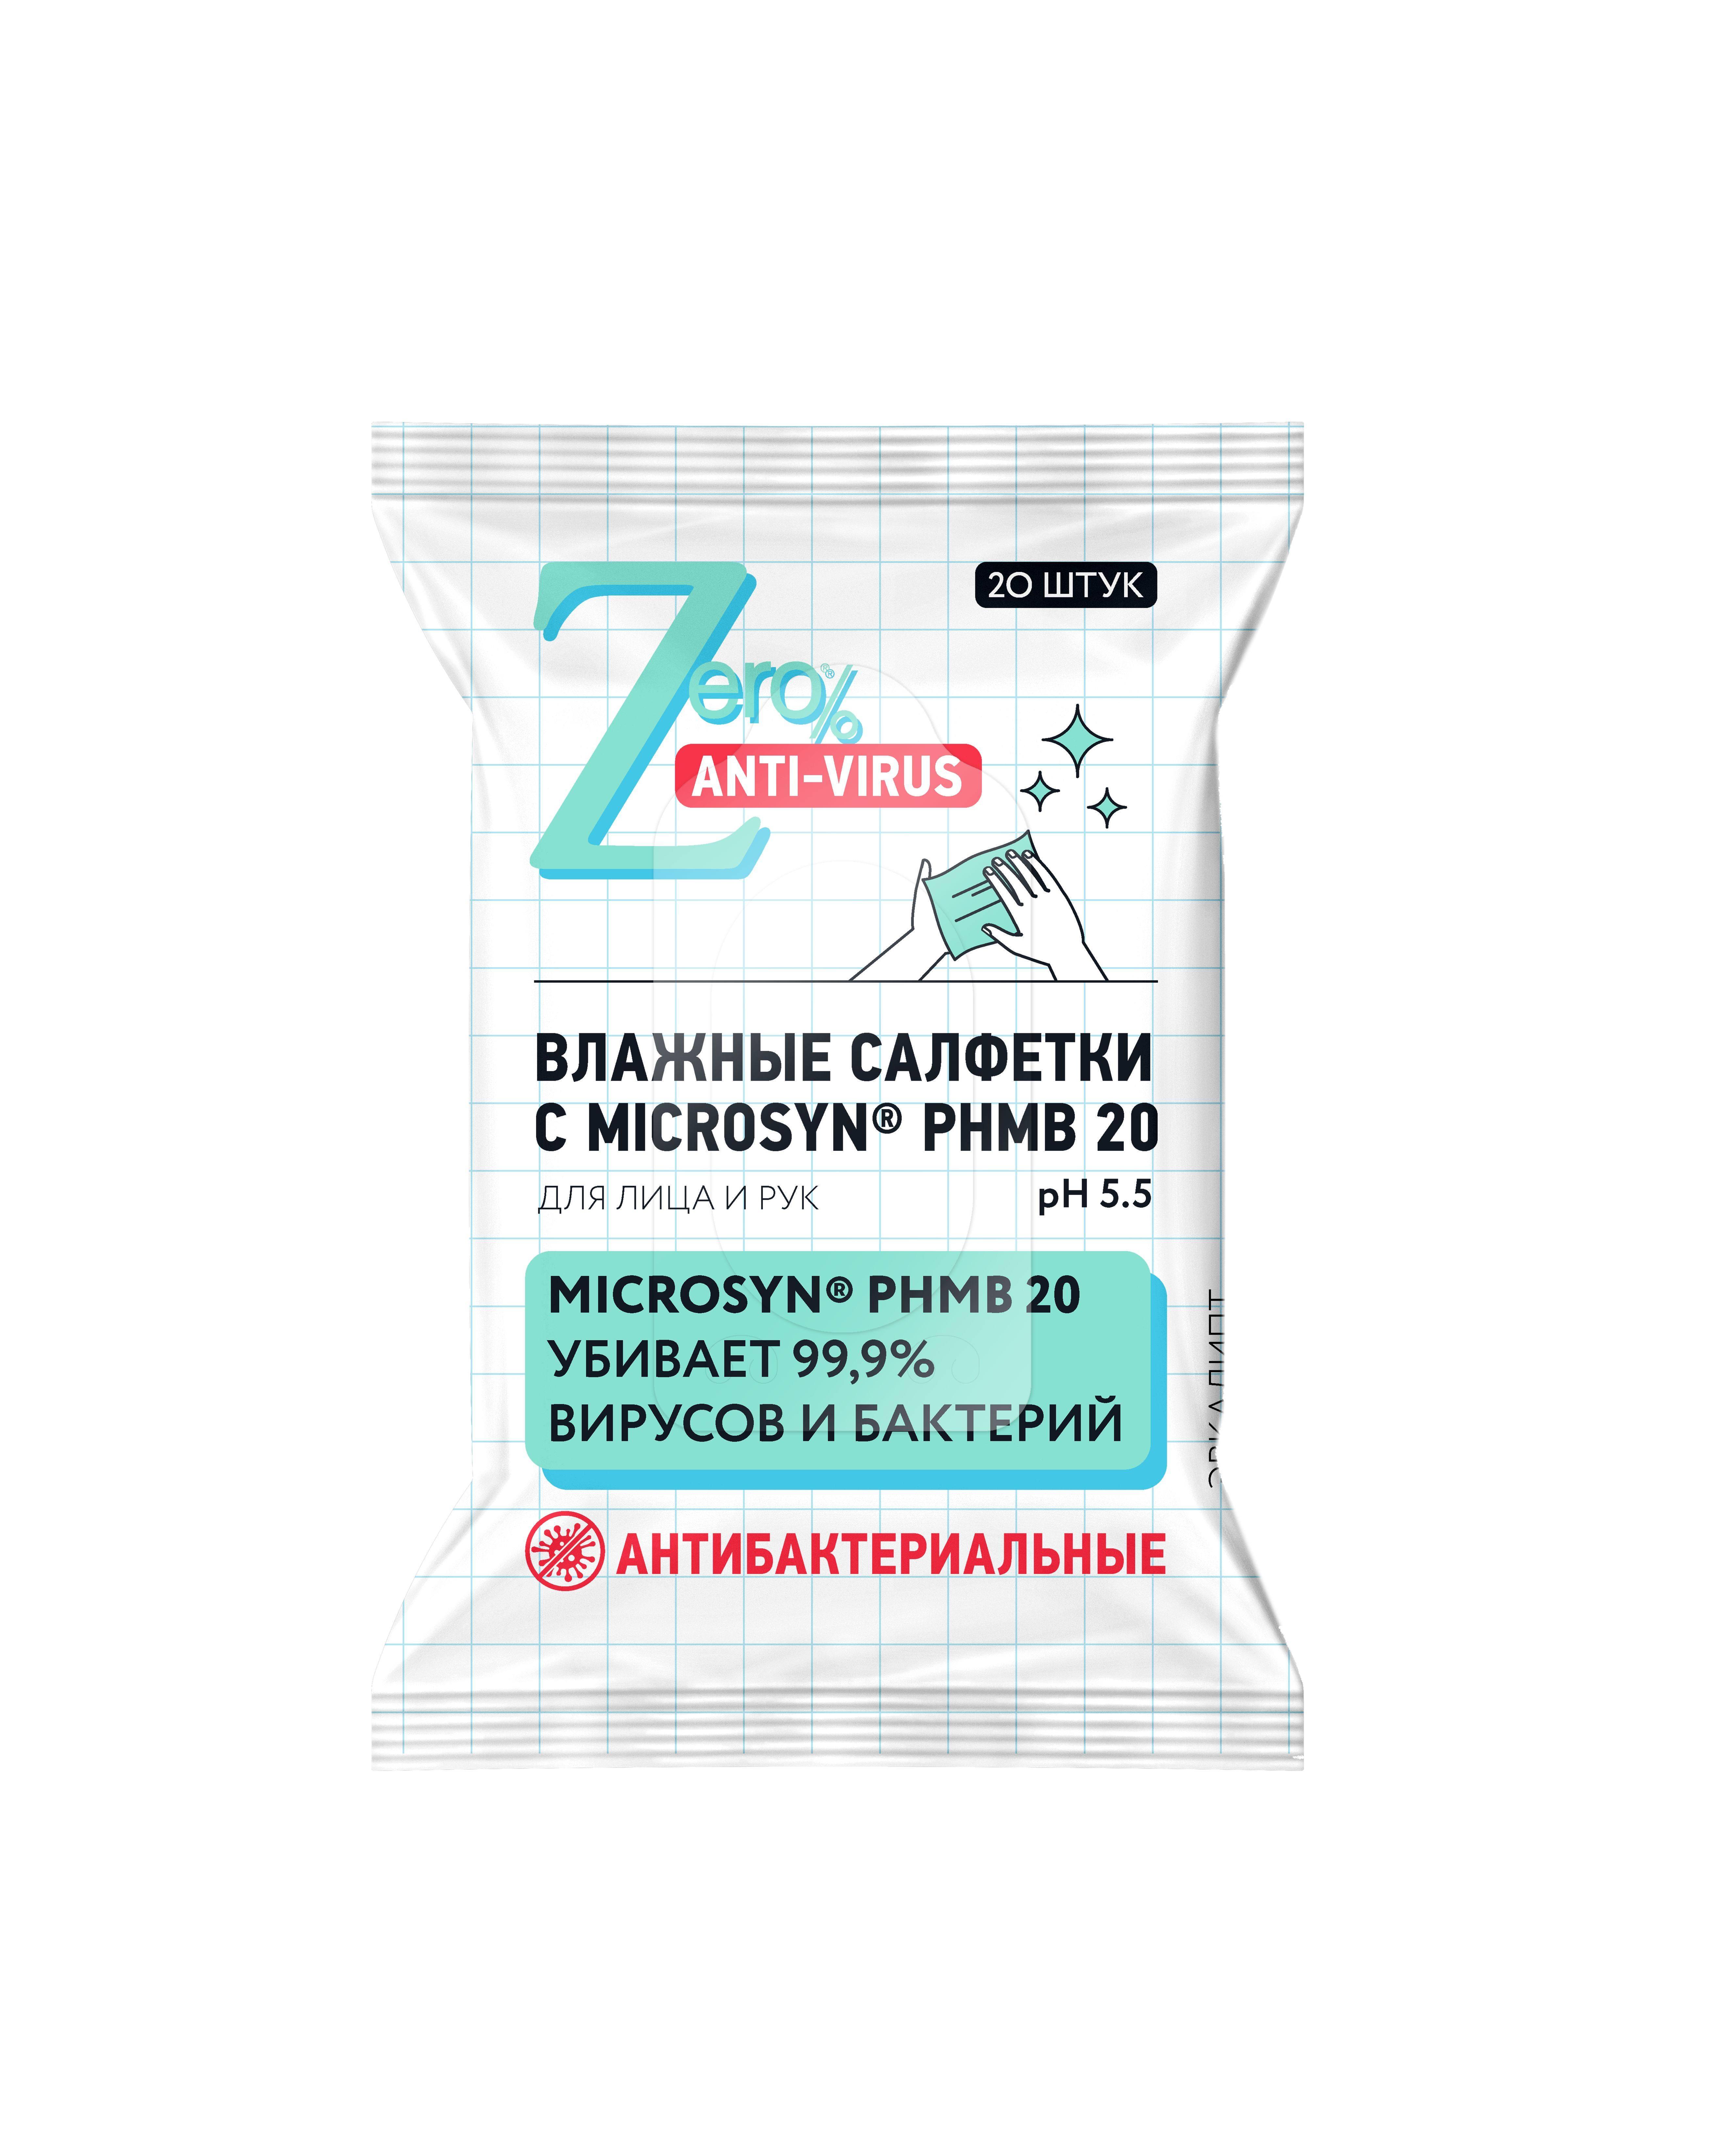 Купить ZERO Anti-Virus Антибактериальные влажные салфетки для лица и рук 20 шт. (shop: Organic-shops Organic shops)